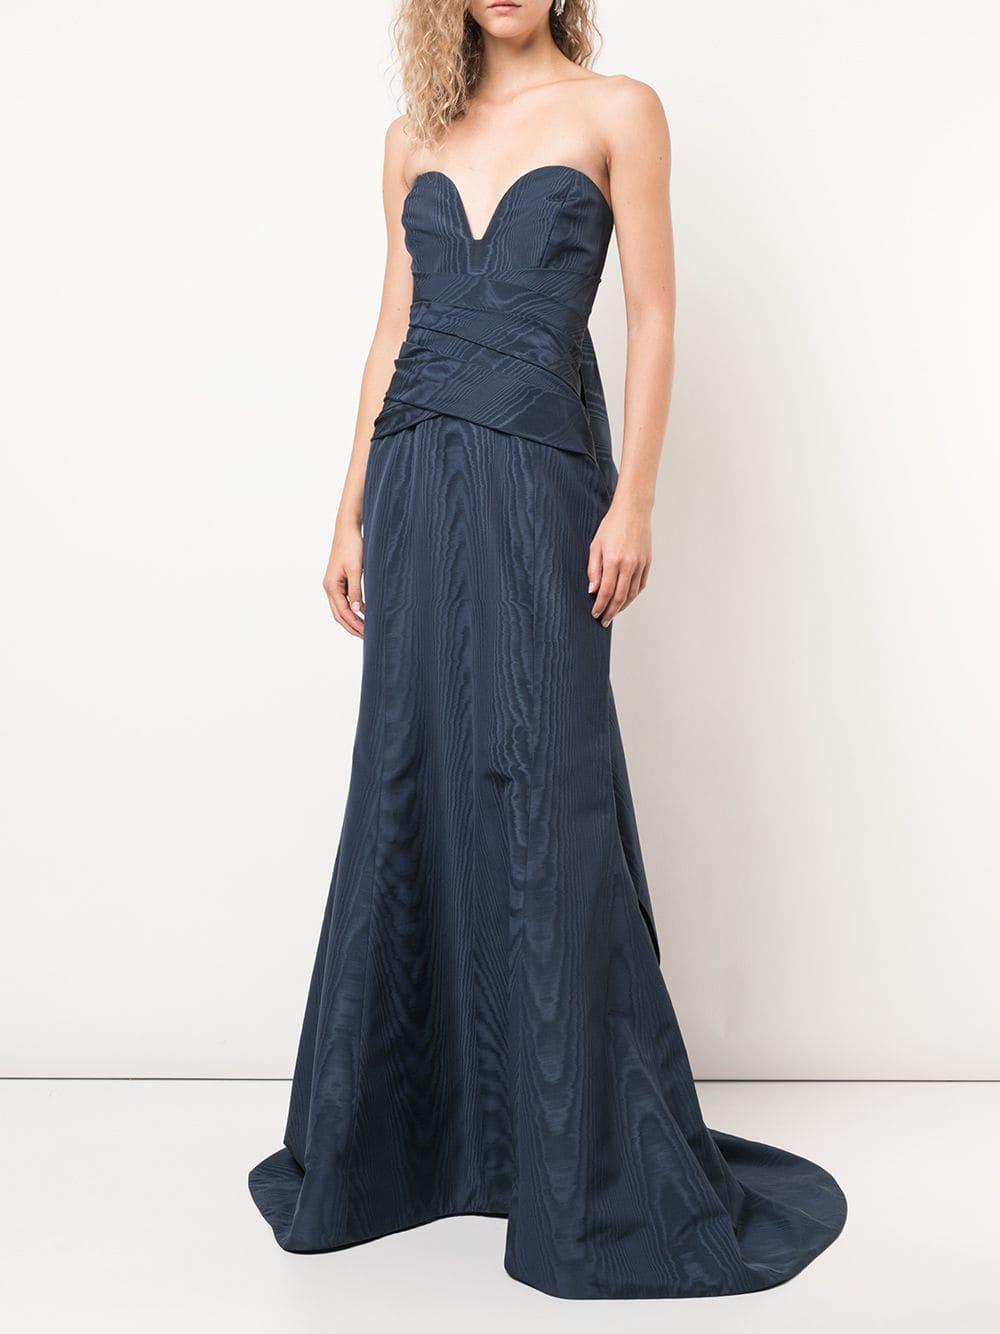 Schön Abendkleid Günstig Online Kaufen BoutiqueAbend Spektakulär Abendkleid Günstig Online Kaufen Galerie